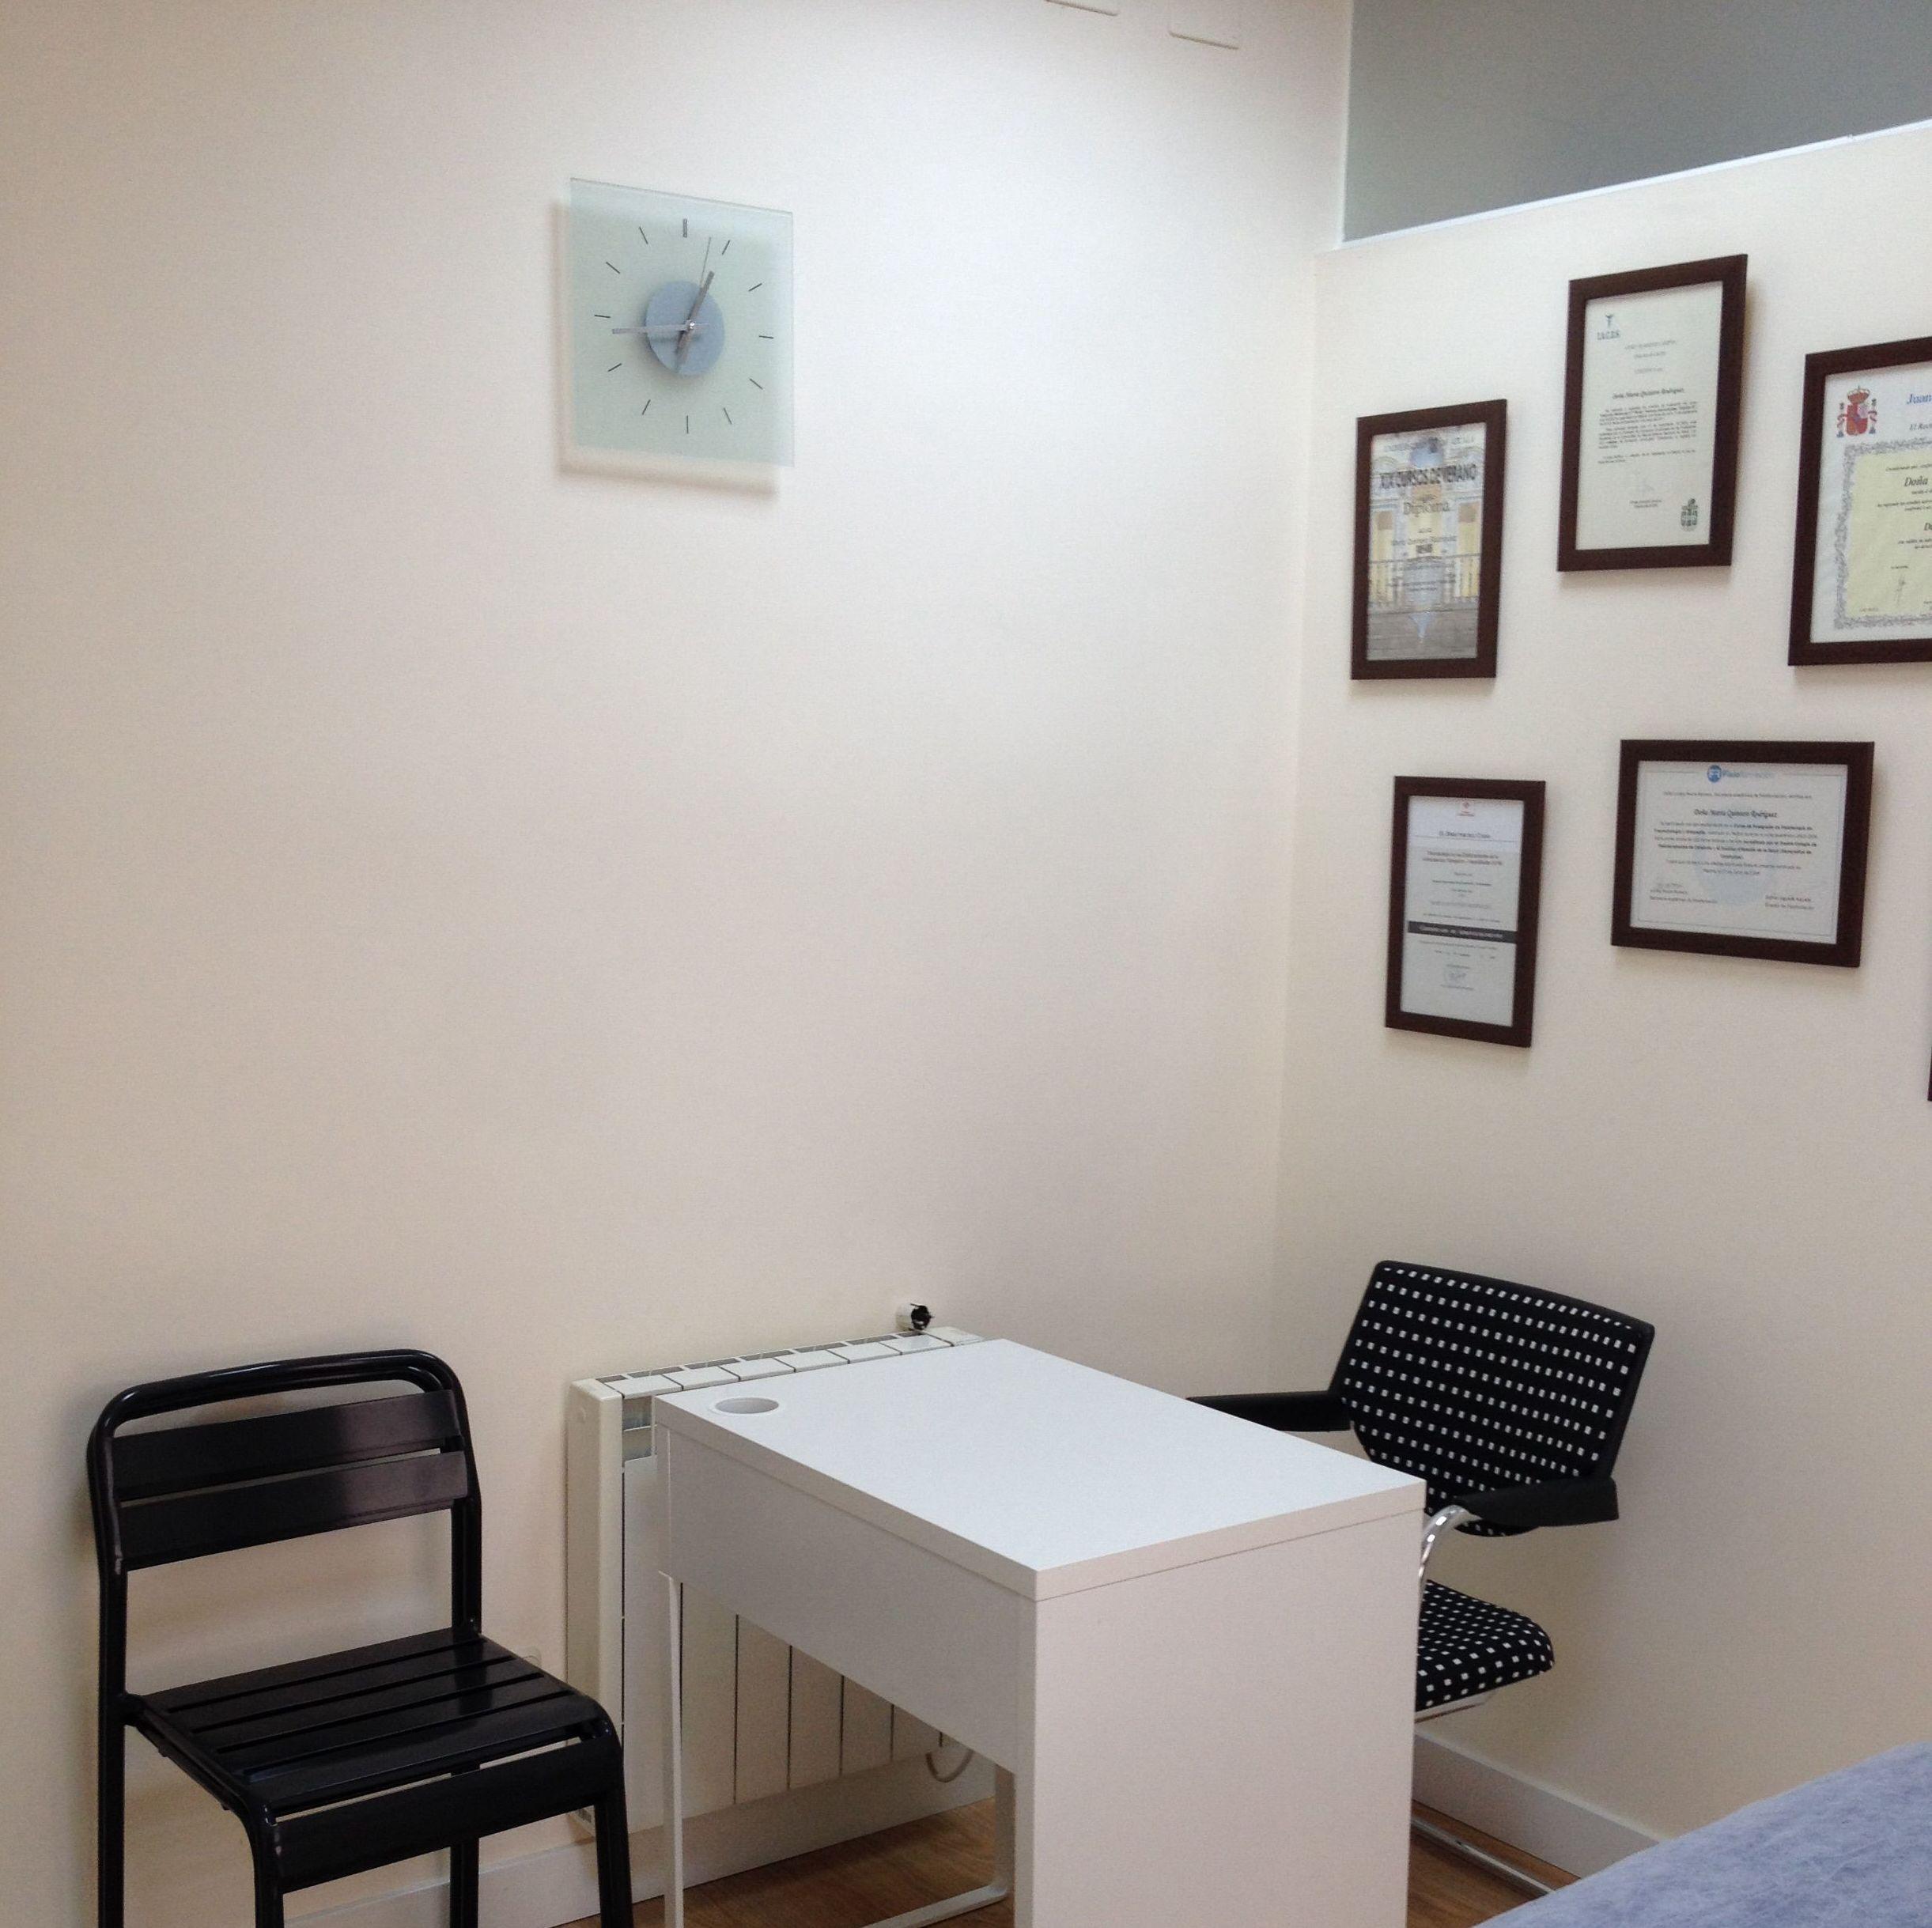 Foto 8 de Fisioterapia en Madrid | MQ Fisioterapia